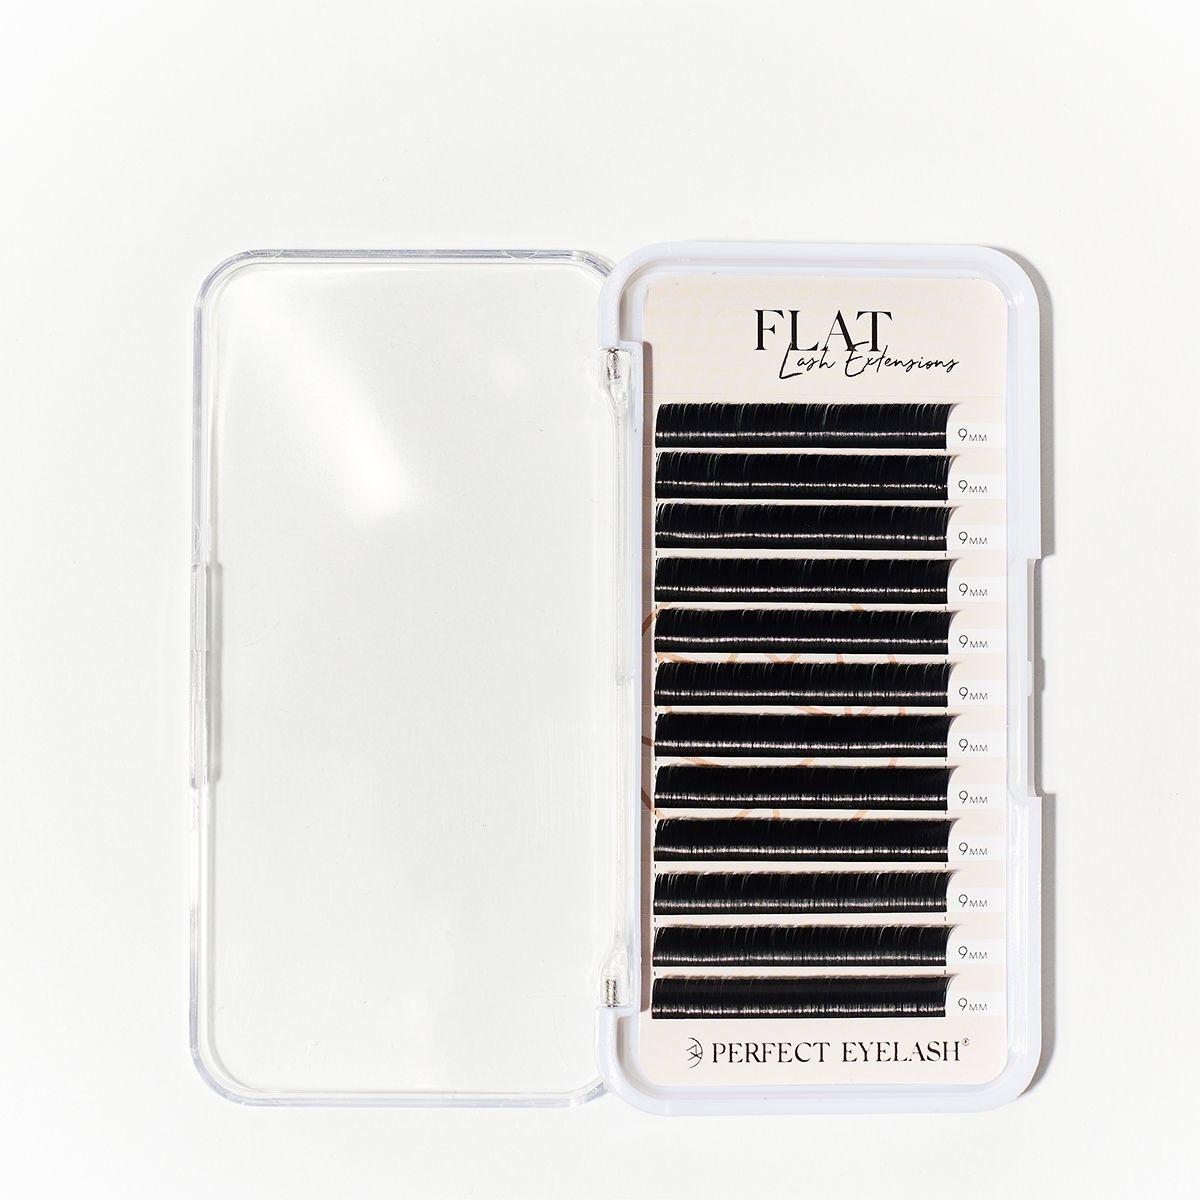 Flat Lashes - Perfect Eyelash - MIX-2